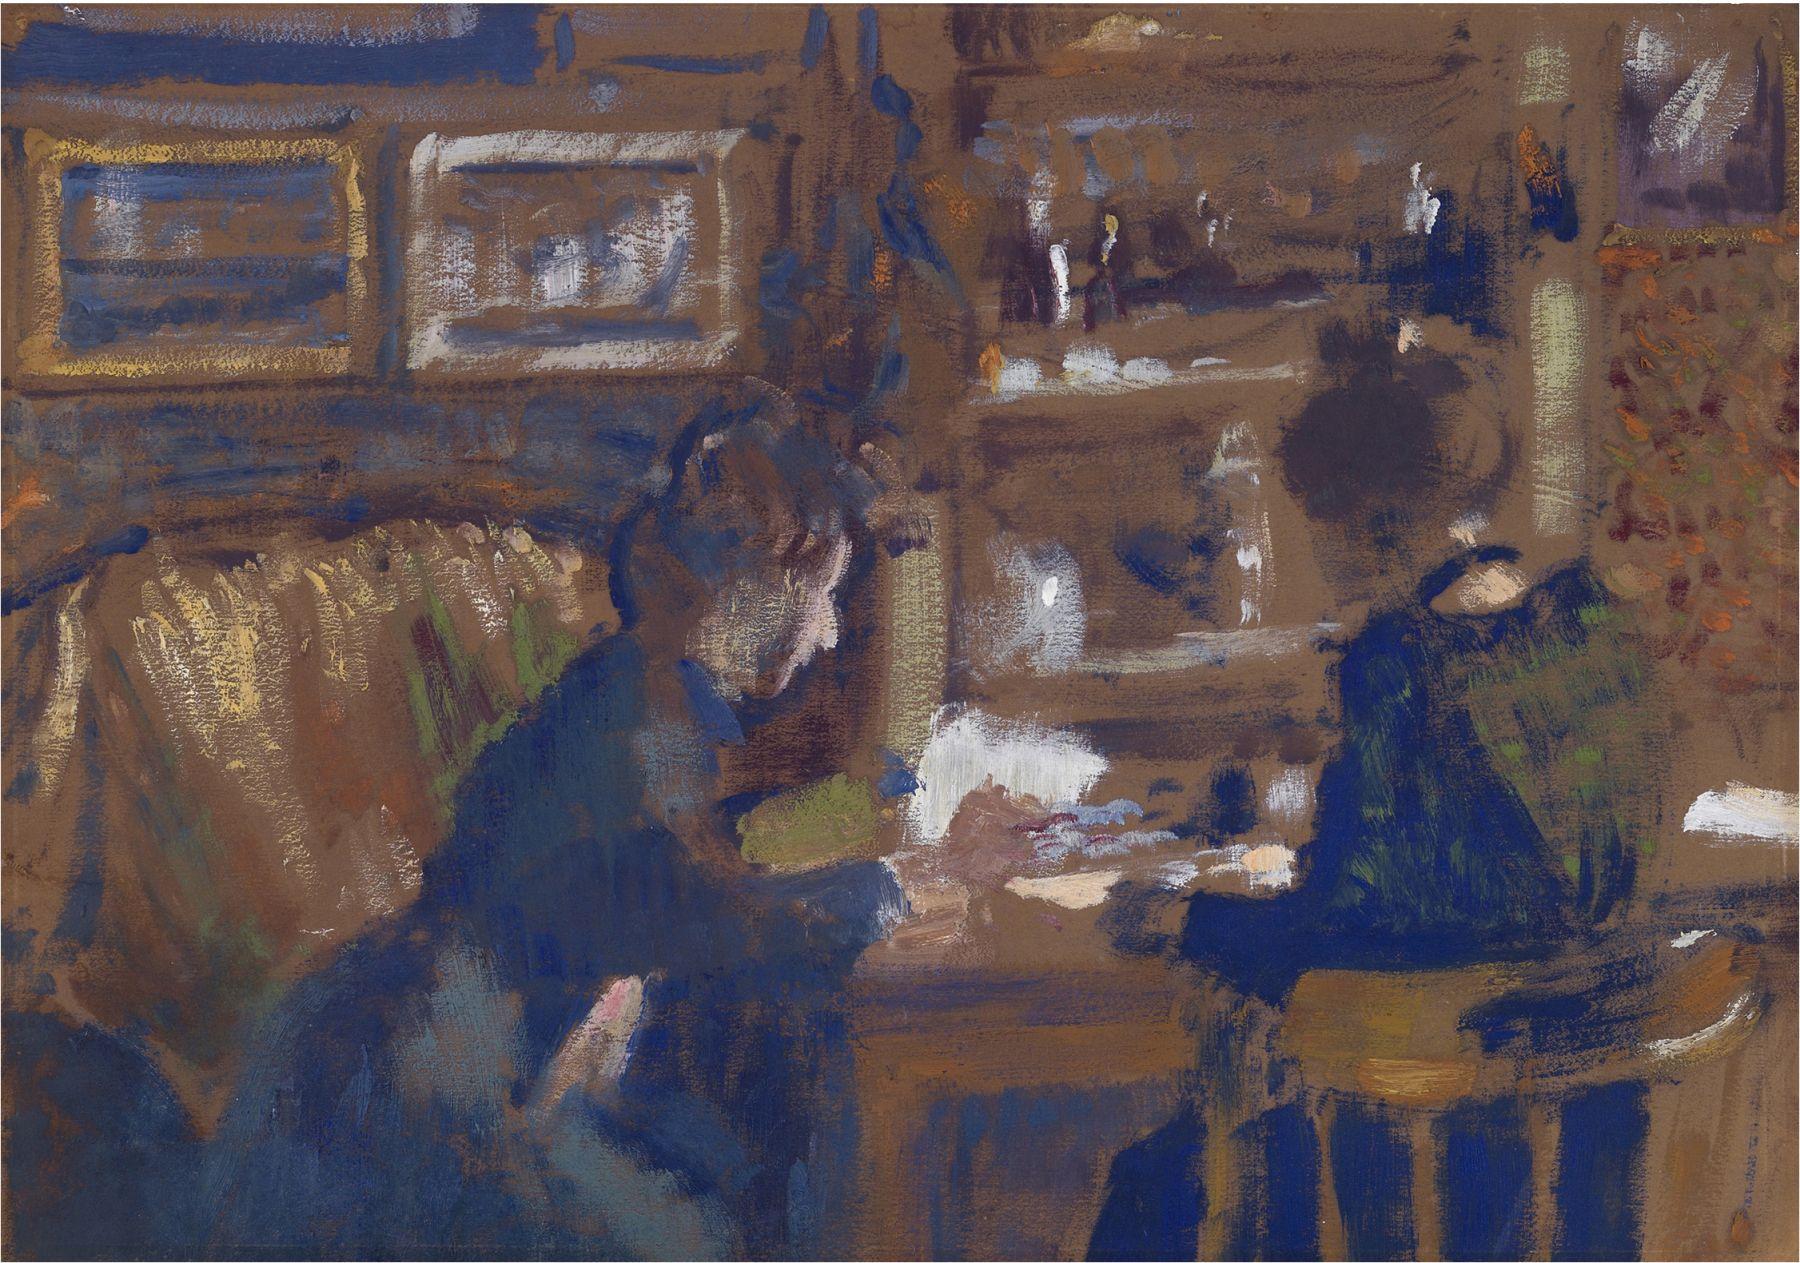 Georges Lemmen  La Causerie (Deux Femmes Dans Un Intérieur), c. 1903  Oil on paper, mounted to board 11 7/8 x 16 1/2 inches